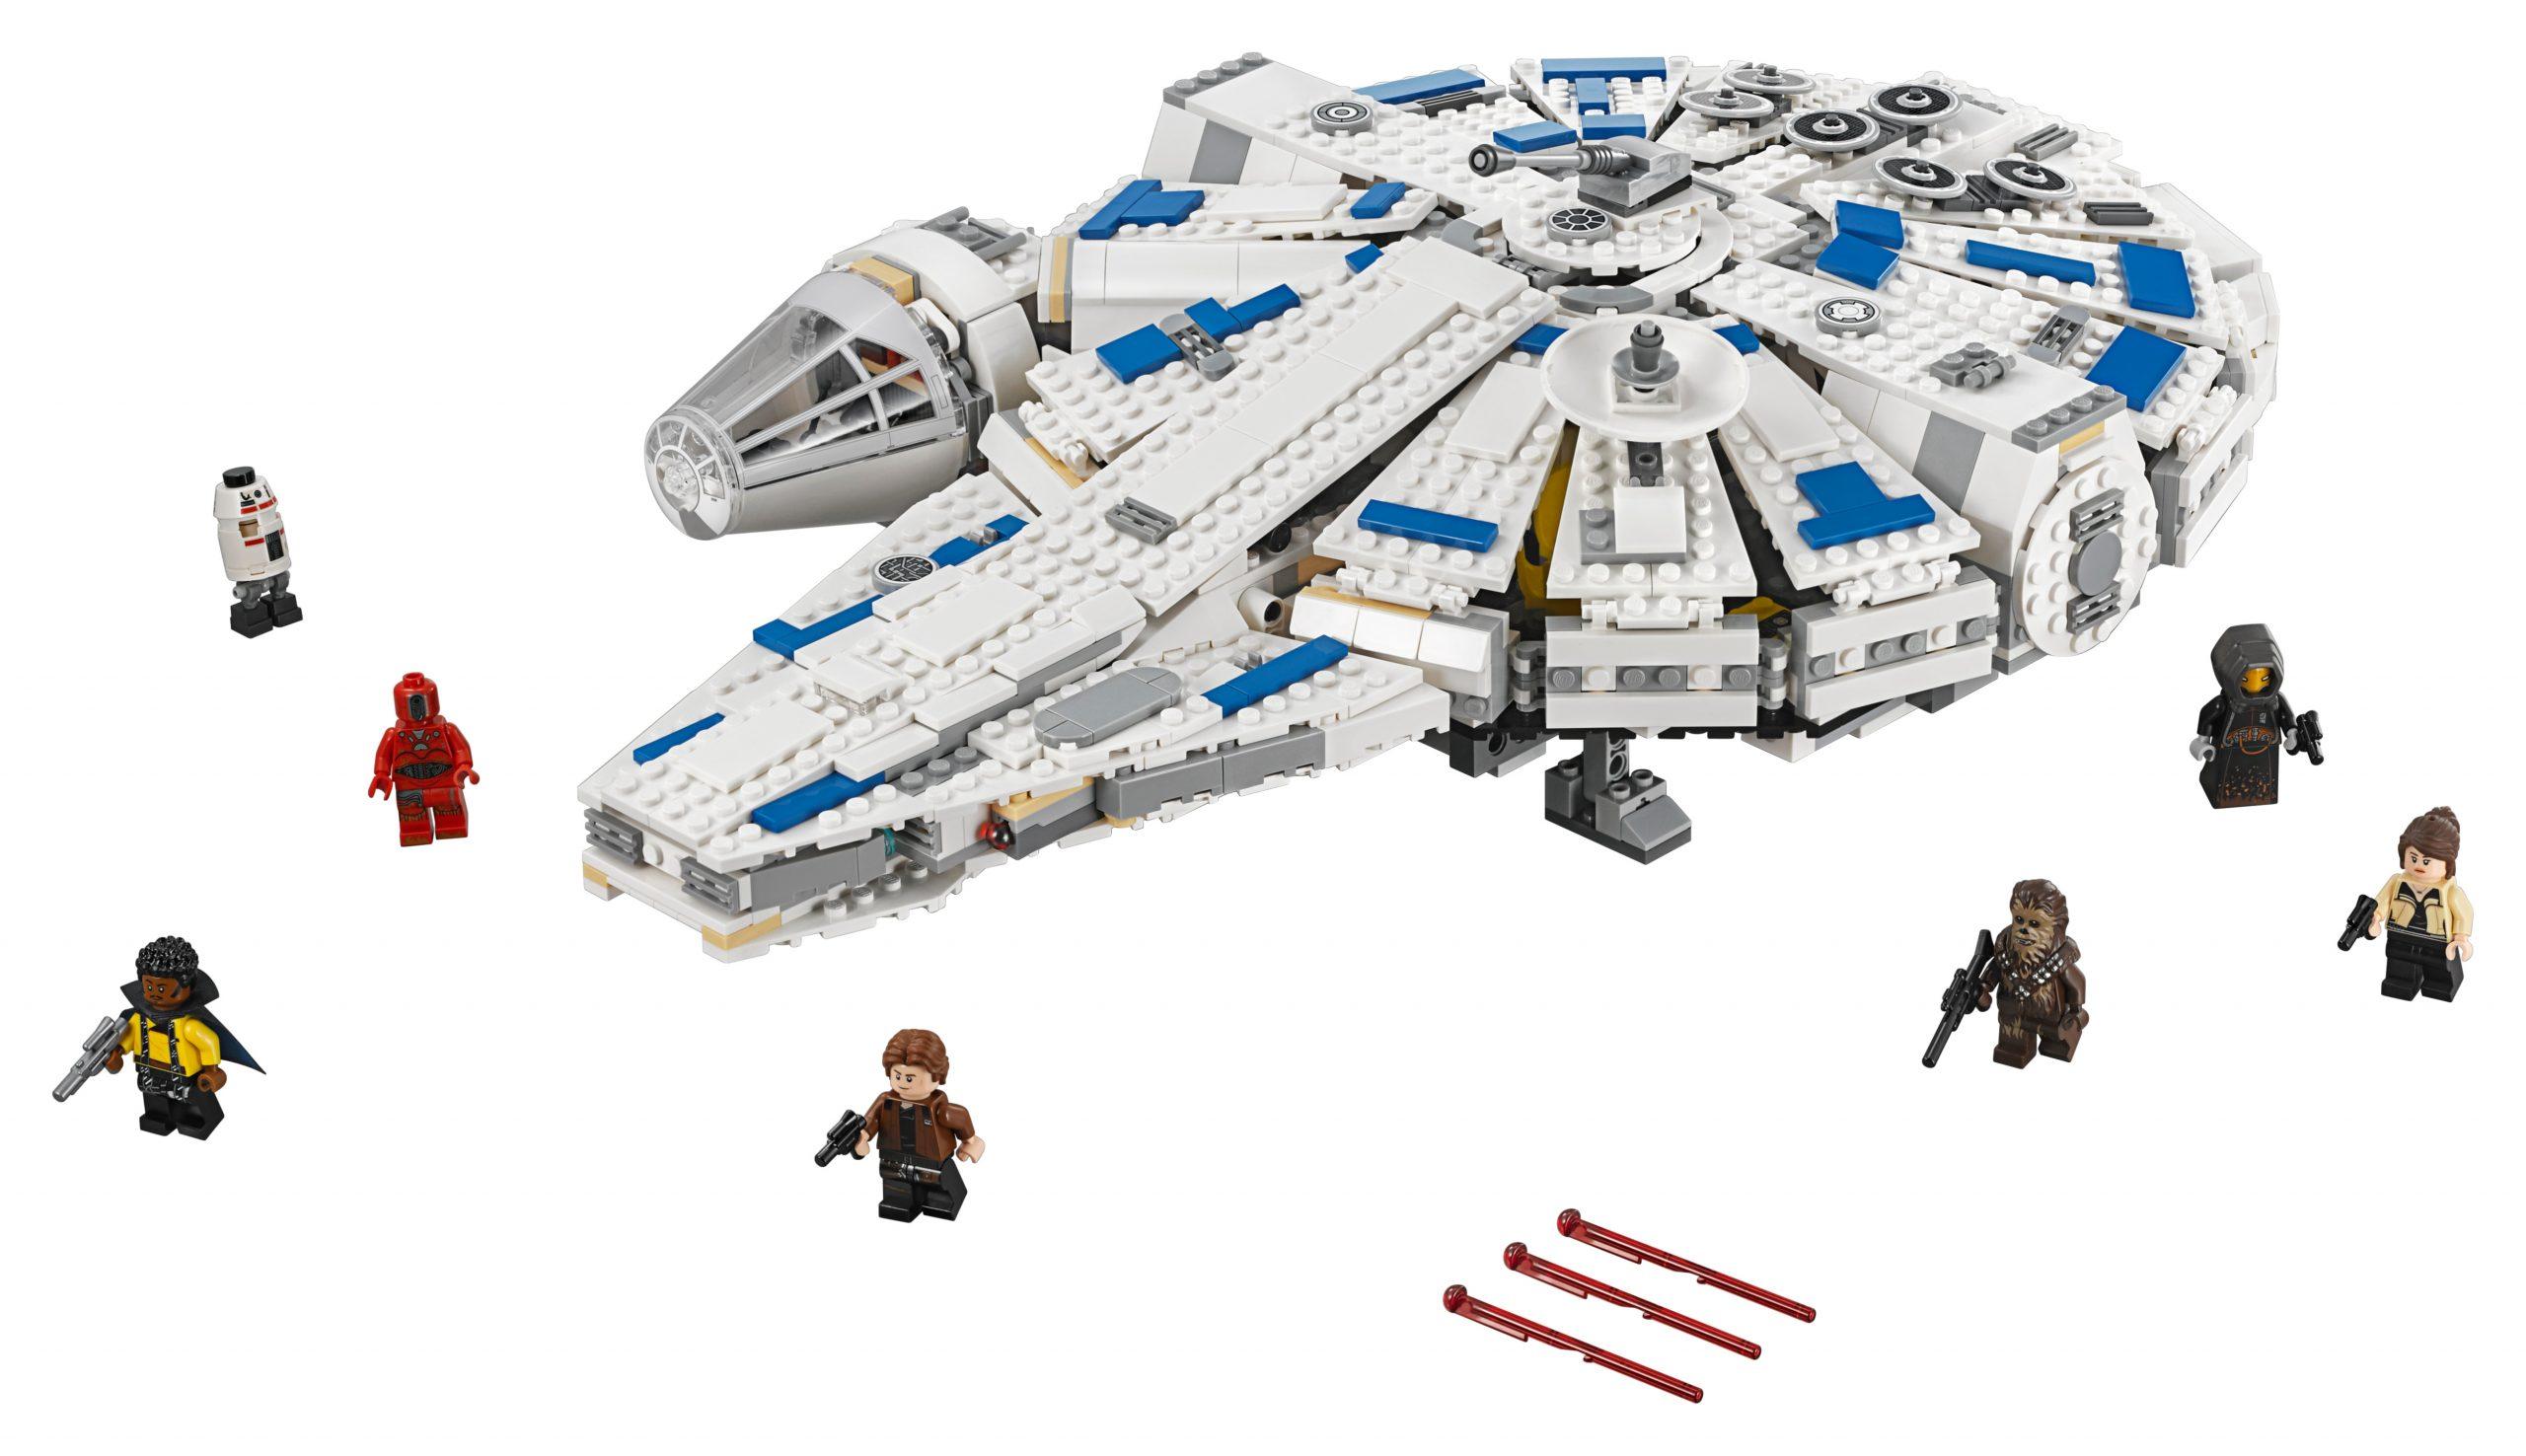 lego kessel run millennium falcon 75212 scaled